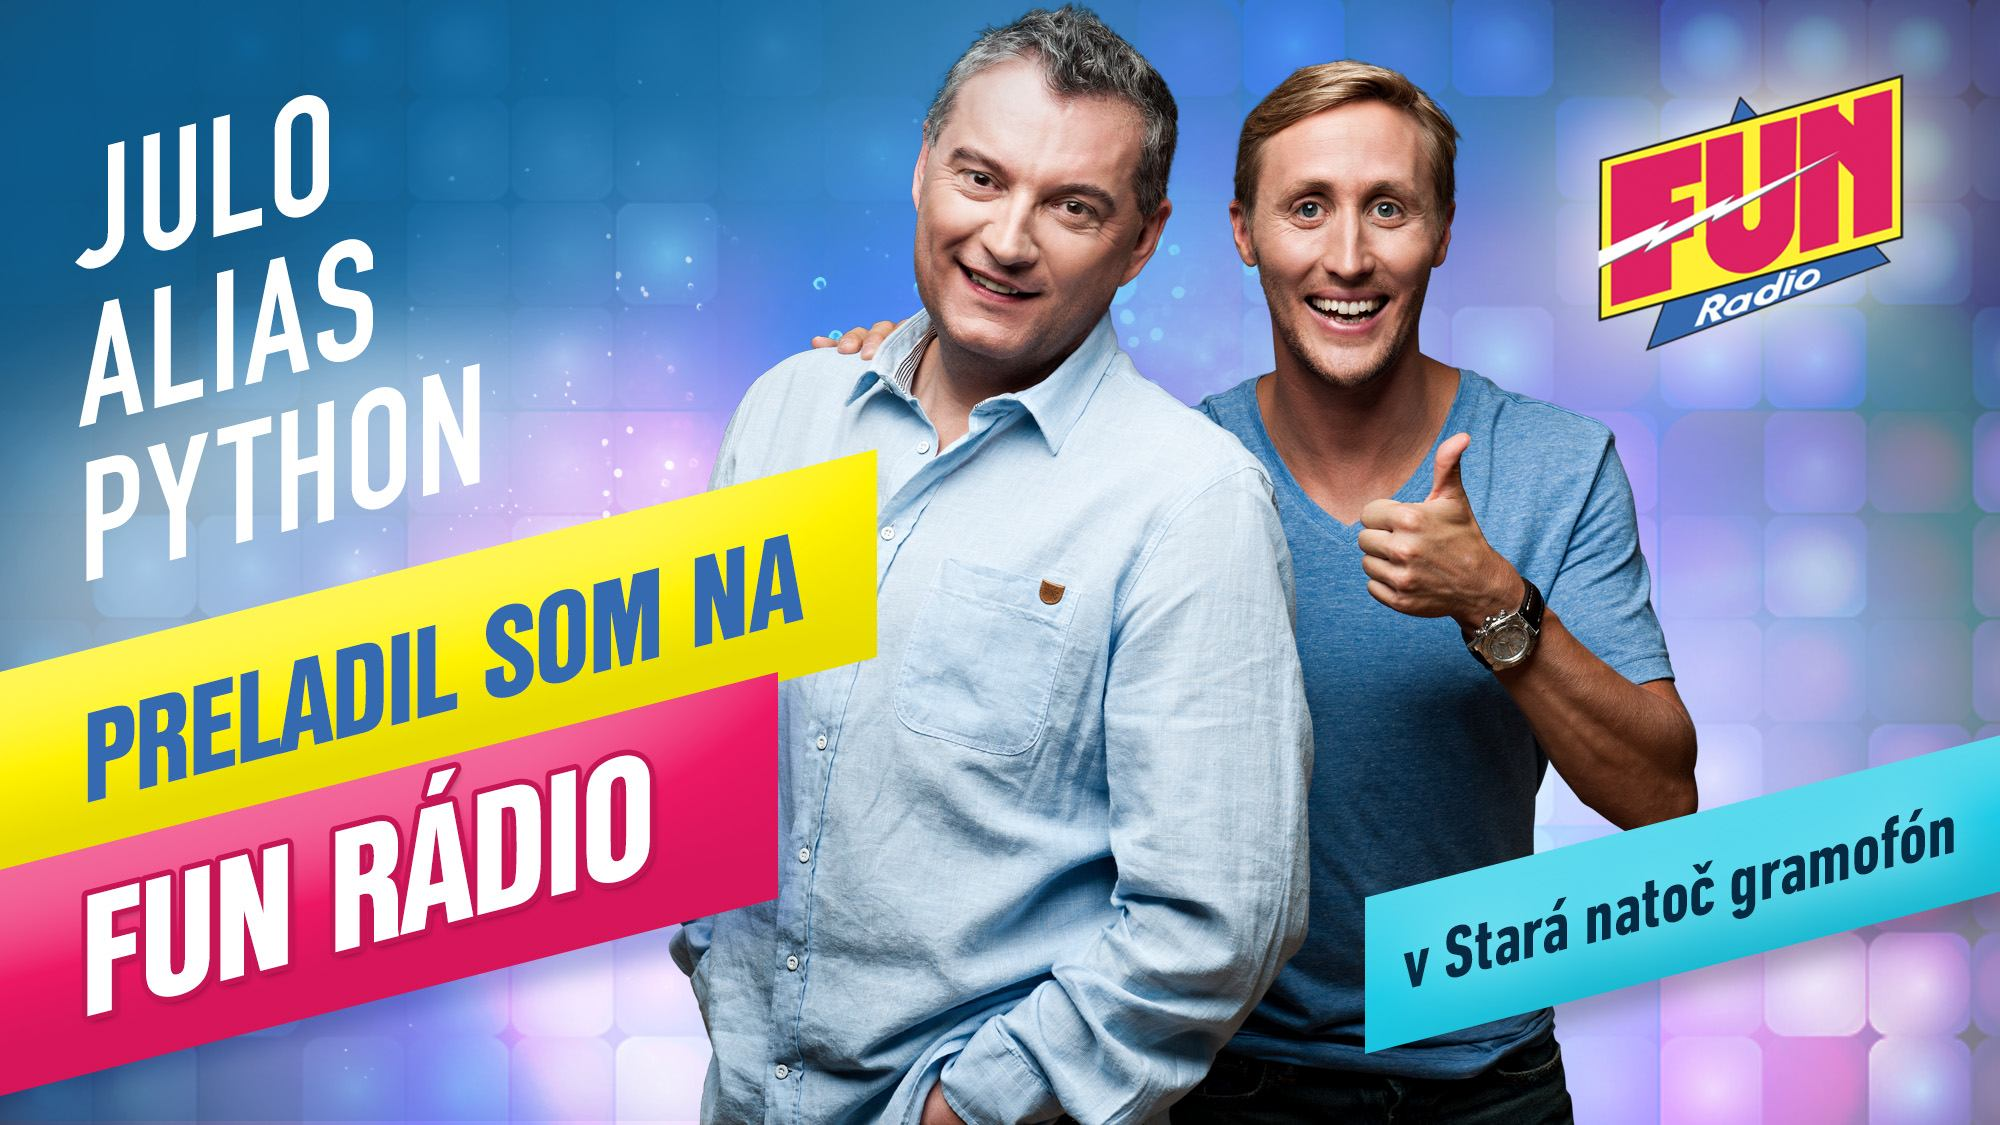 fun-radior-kampan